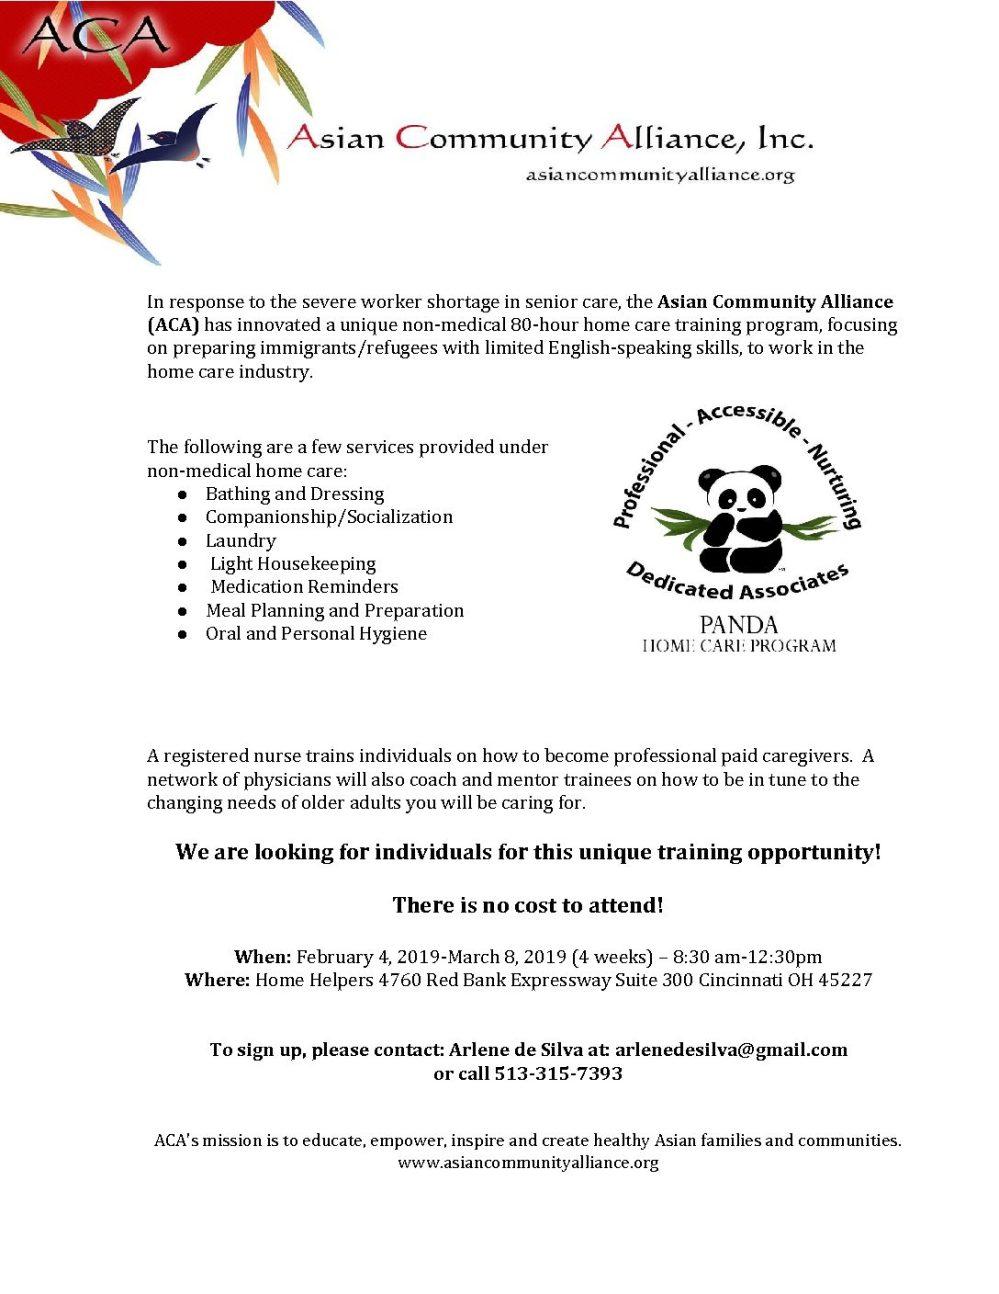 medium resolution of aca panda home care program